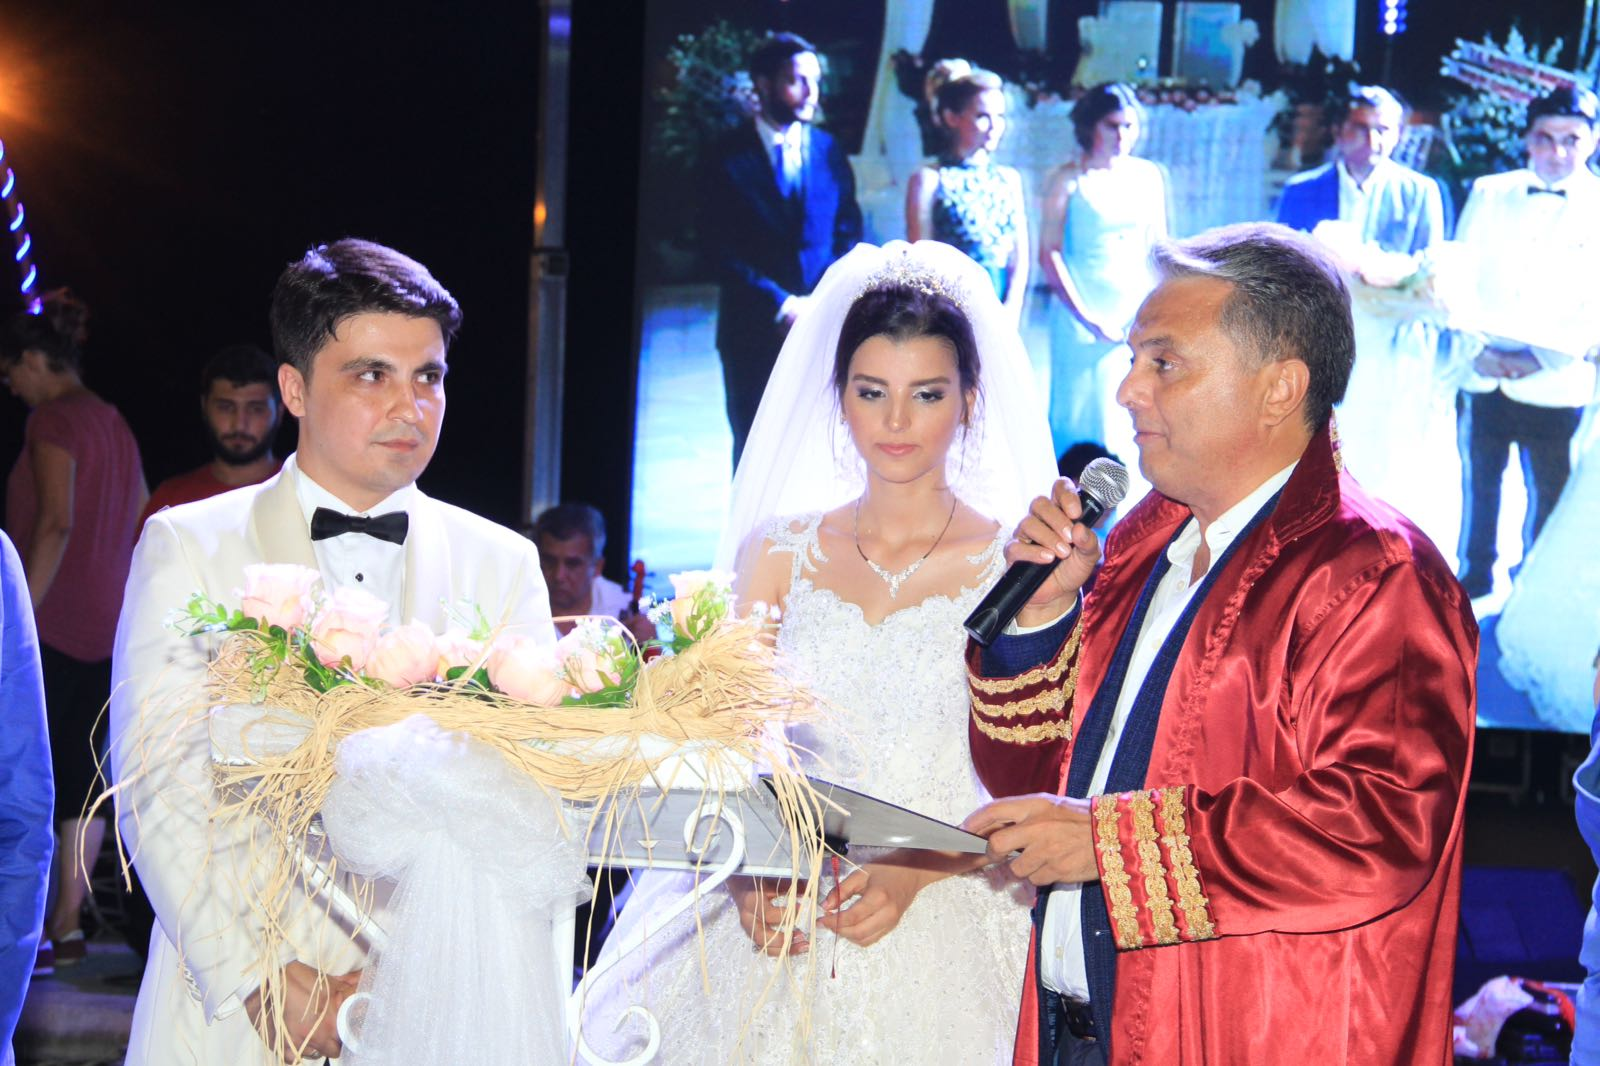 Yağmur Ve Ali Şahane Bir Düğünle Dünya Evine Girdiler